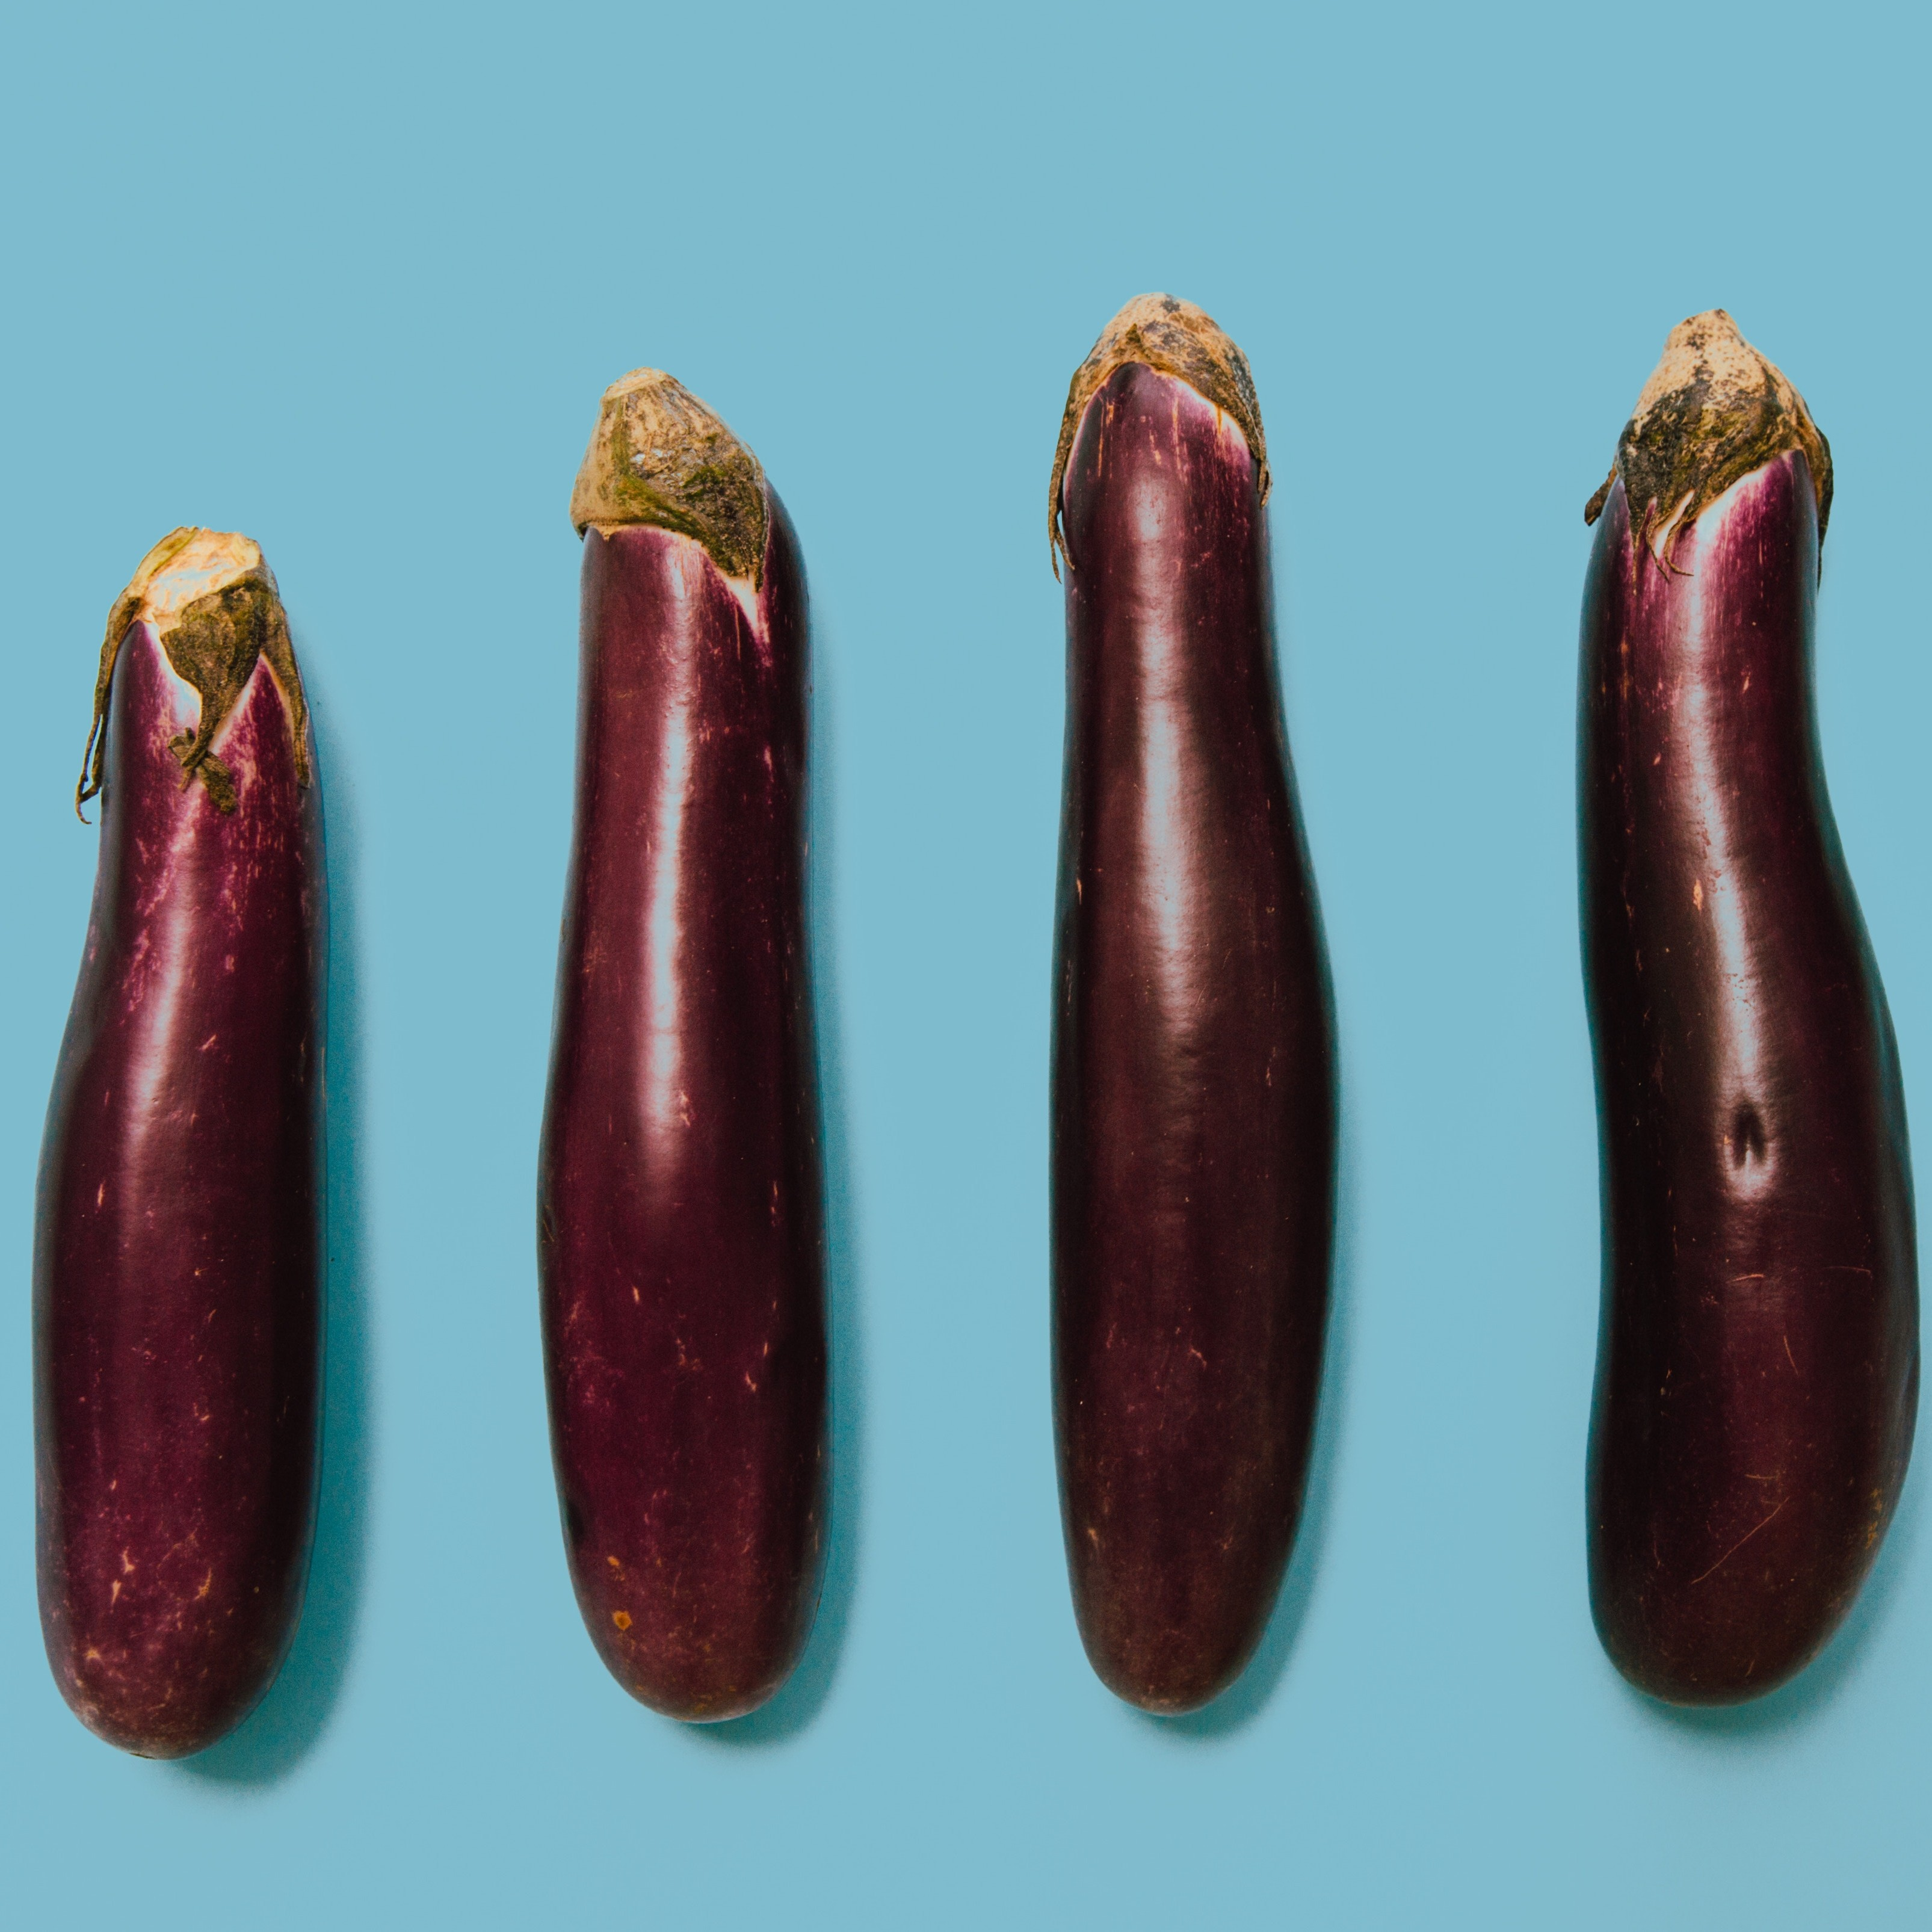 ce trebuie făcut dacă penisul este moale cu o erecție